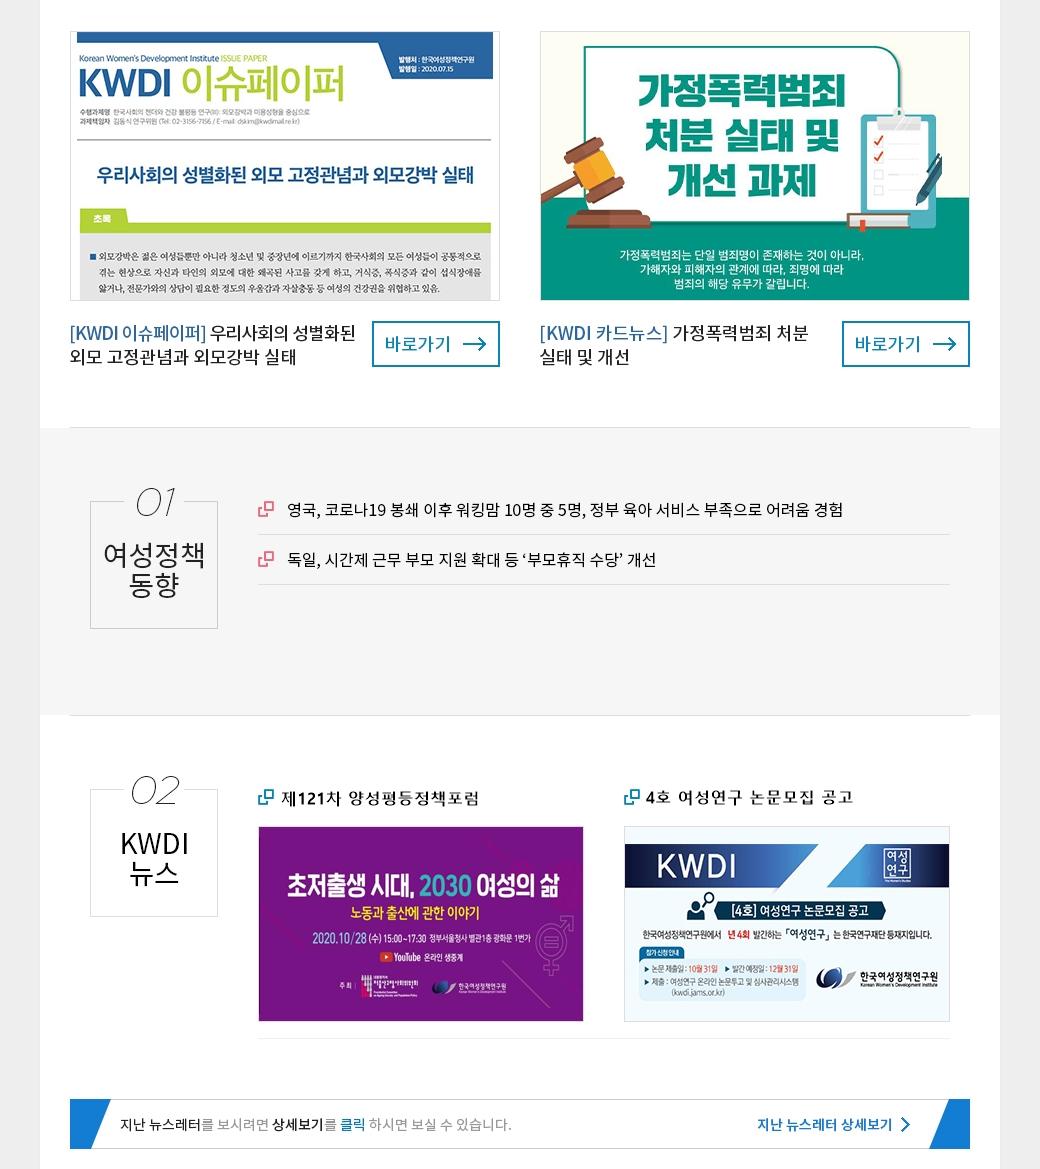 KWDI 뉴스레터 발간물 내용